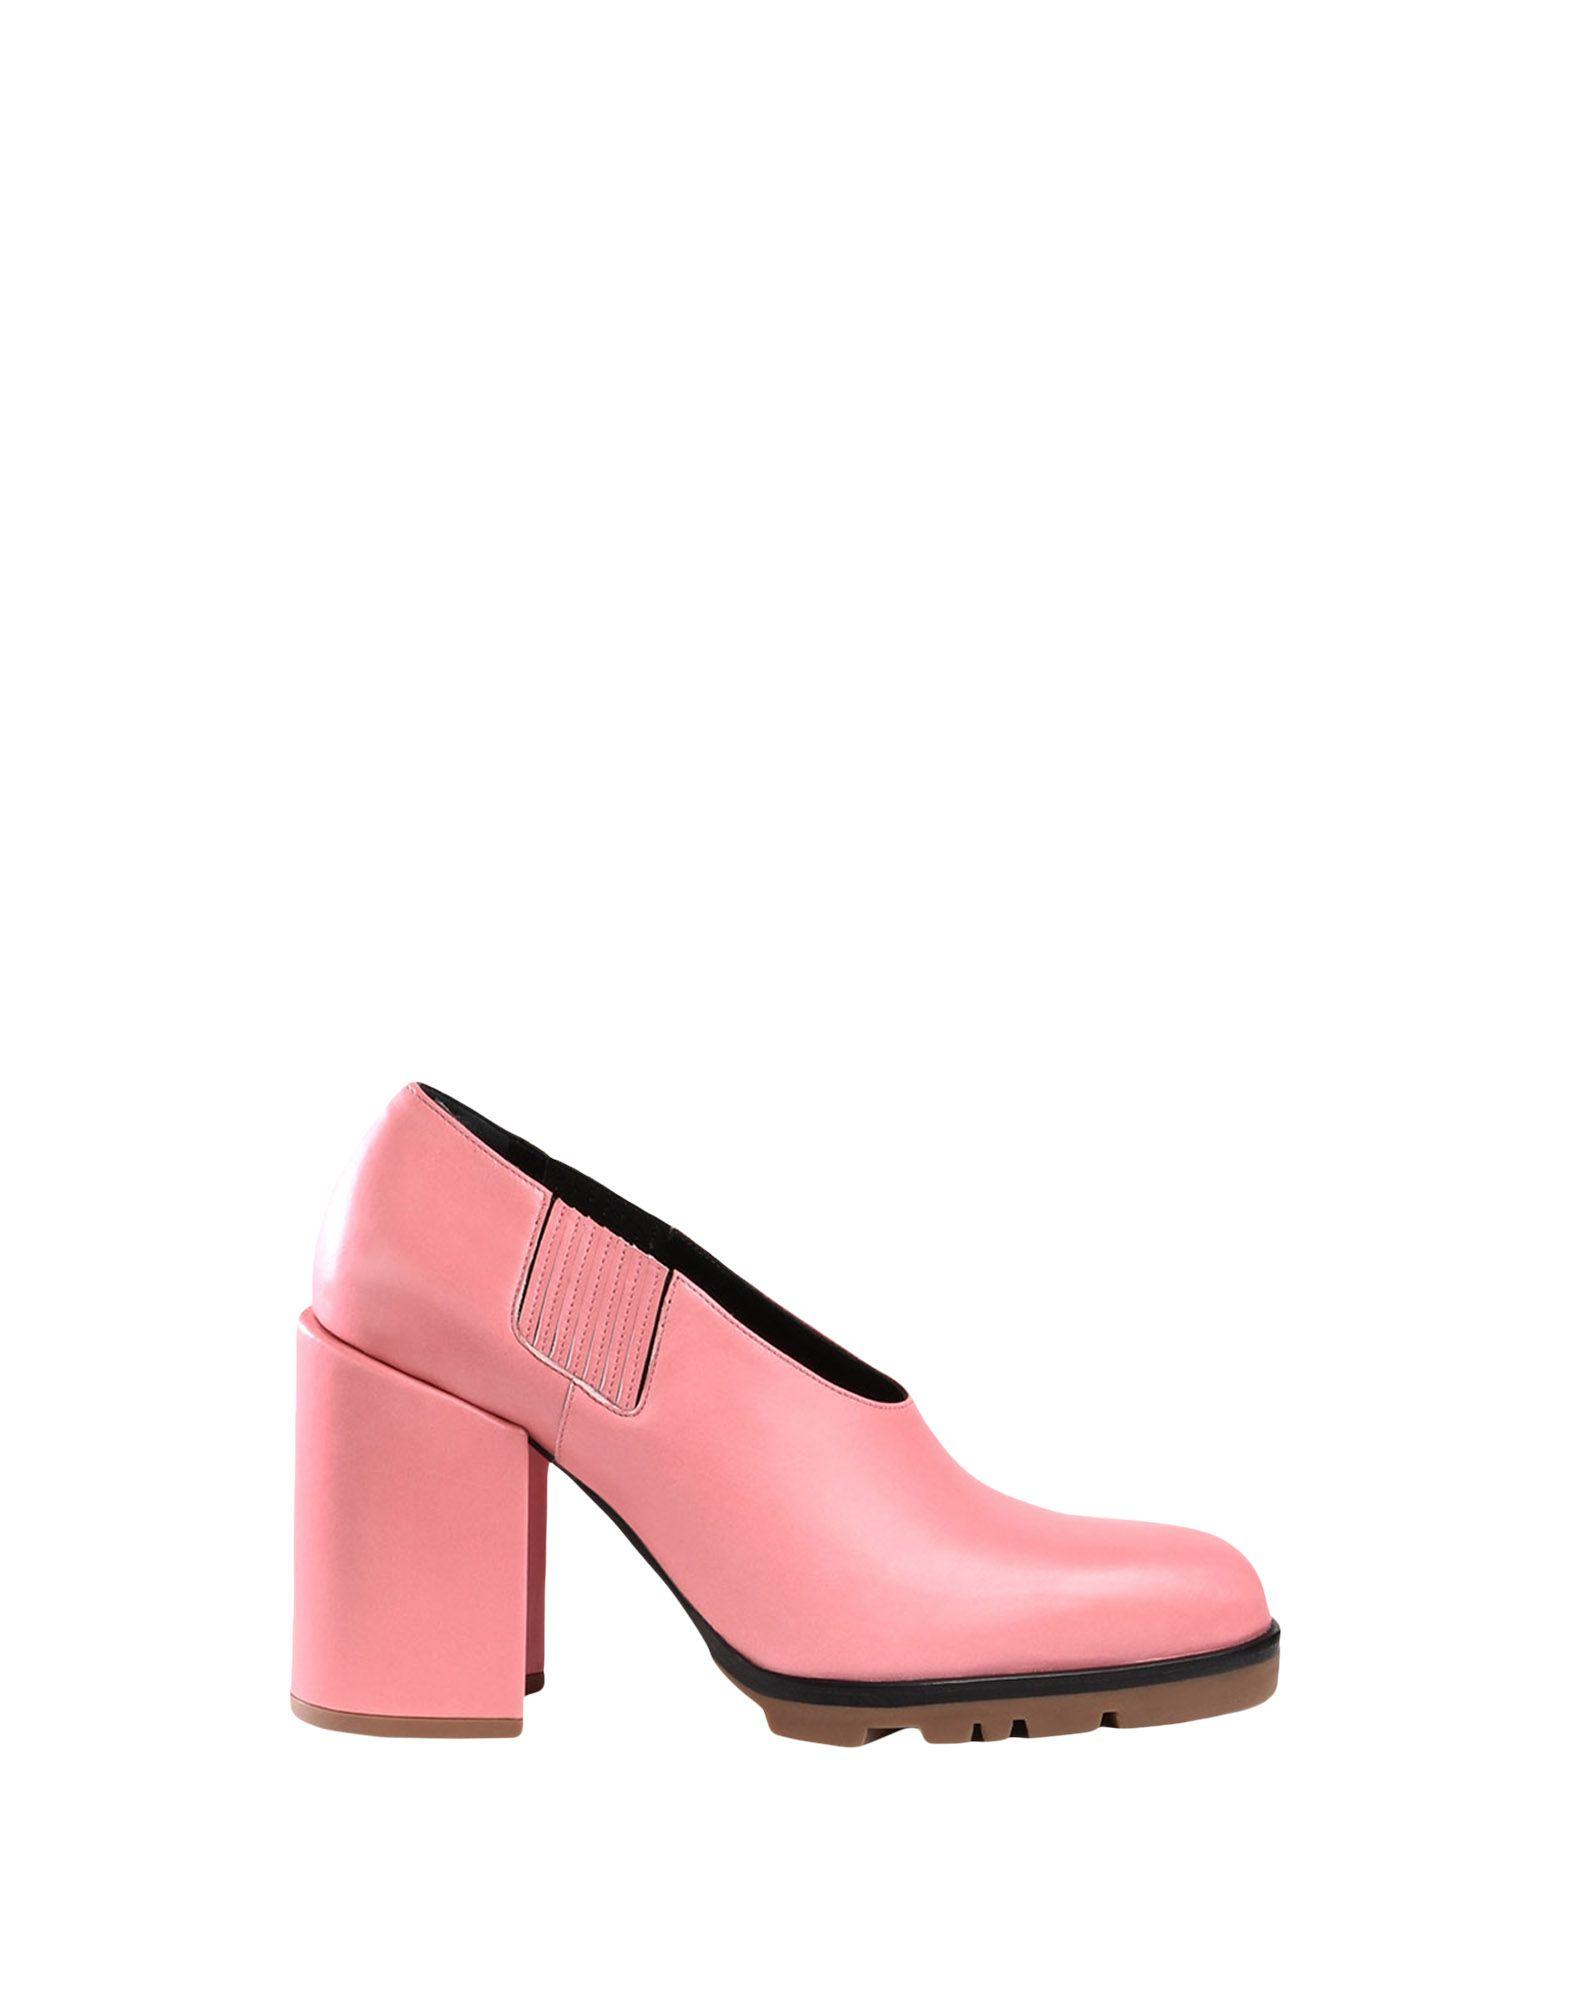 Bottine Jil Sander Femme - Bottines Jil Sander Rose Nouvelles chaussures pour hommes et femmes, remise limitée dans le temps